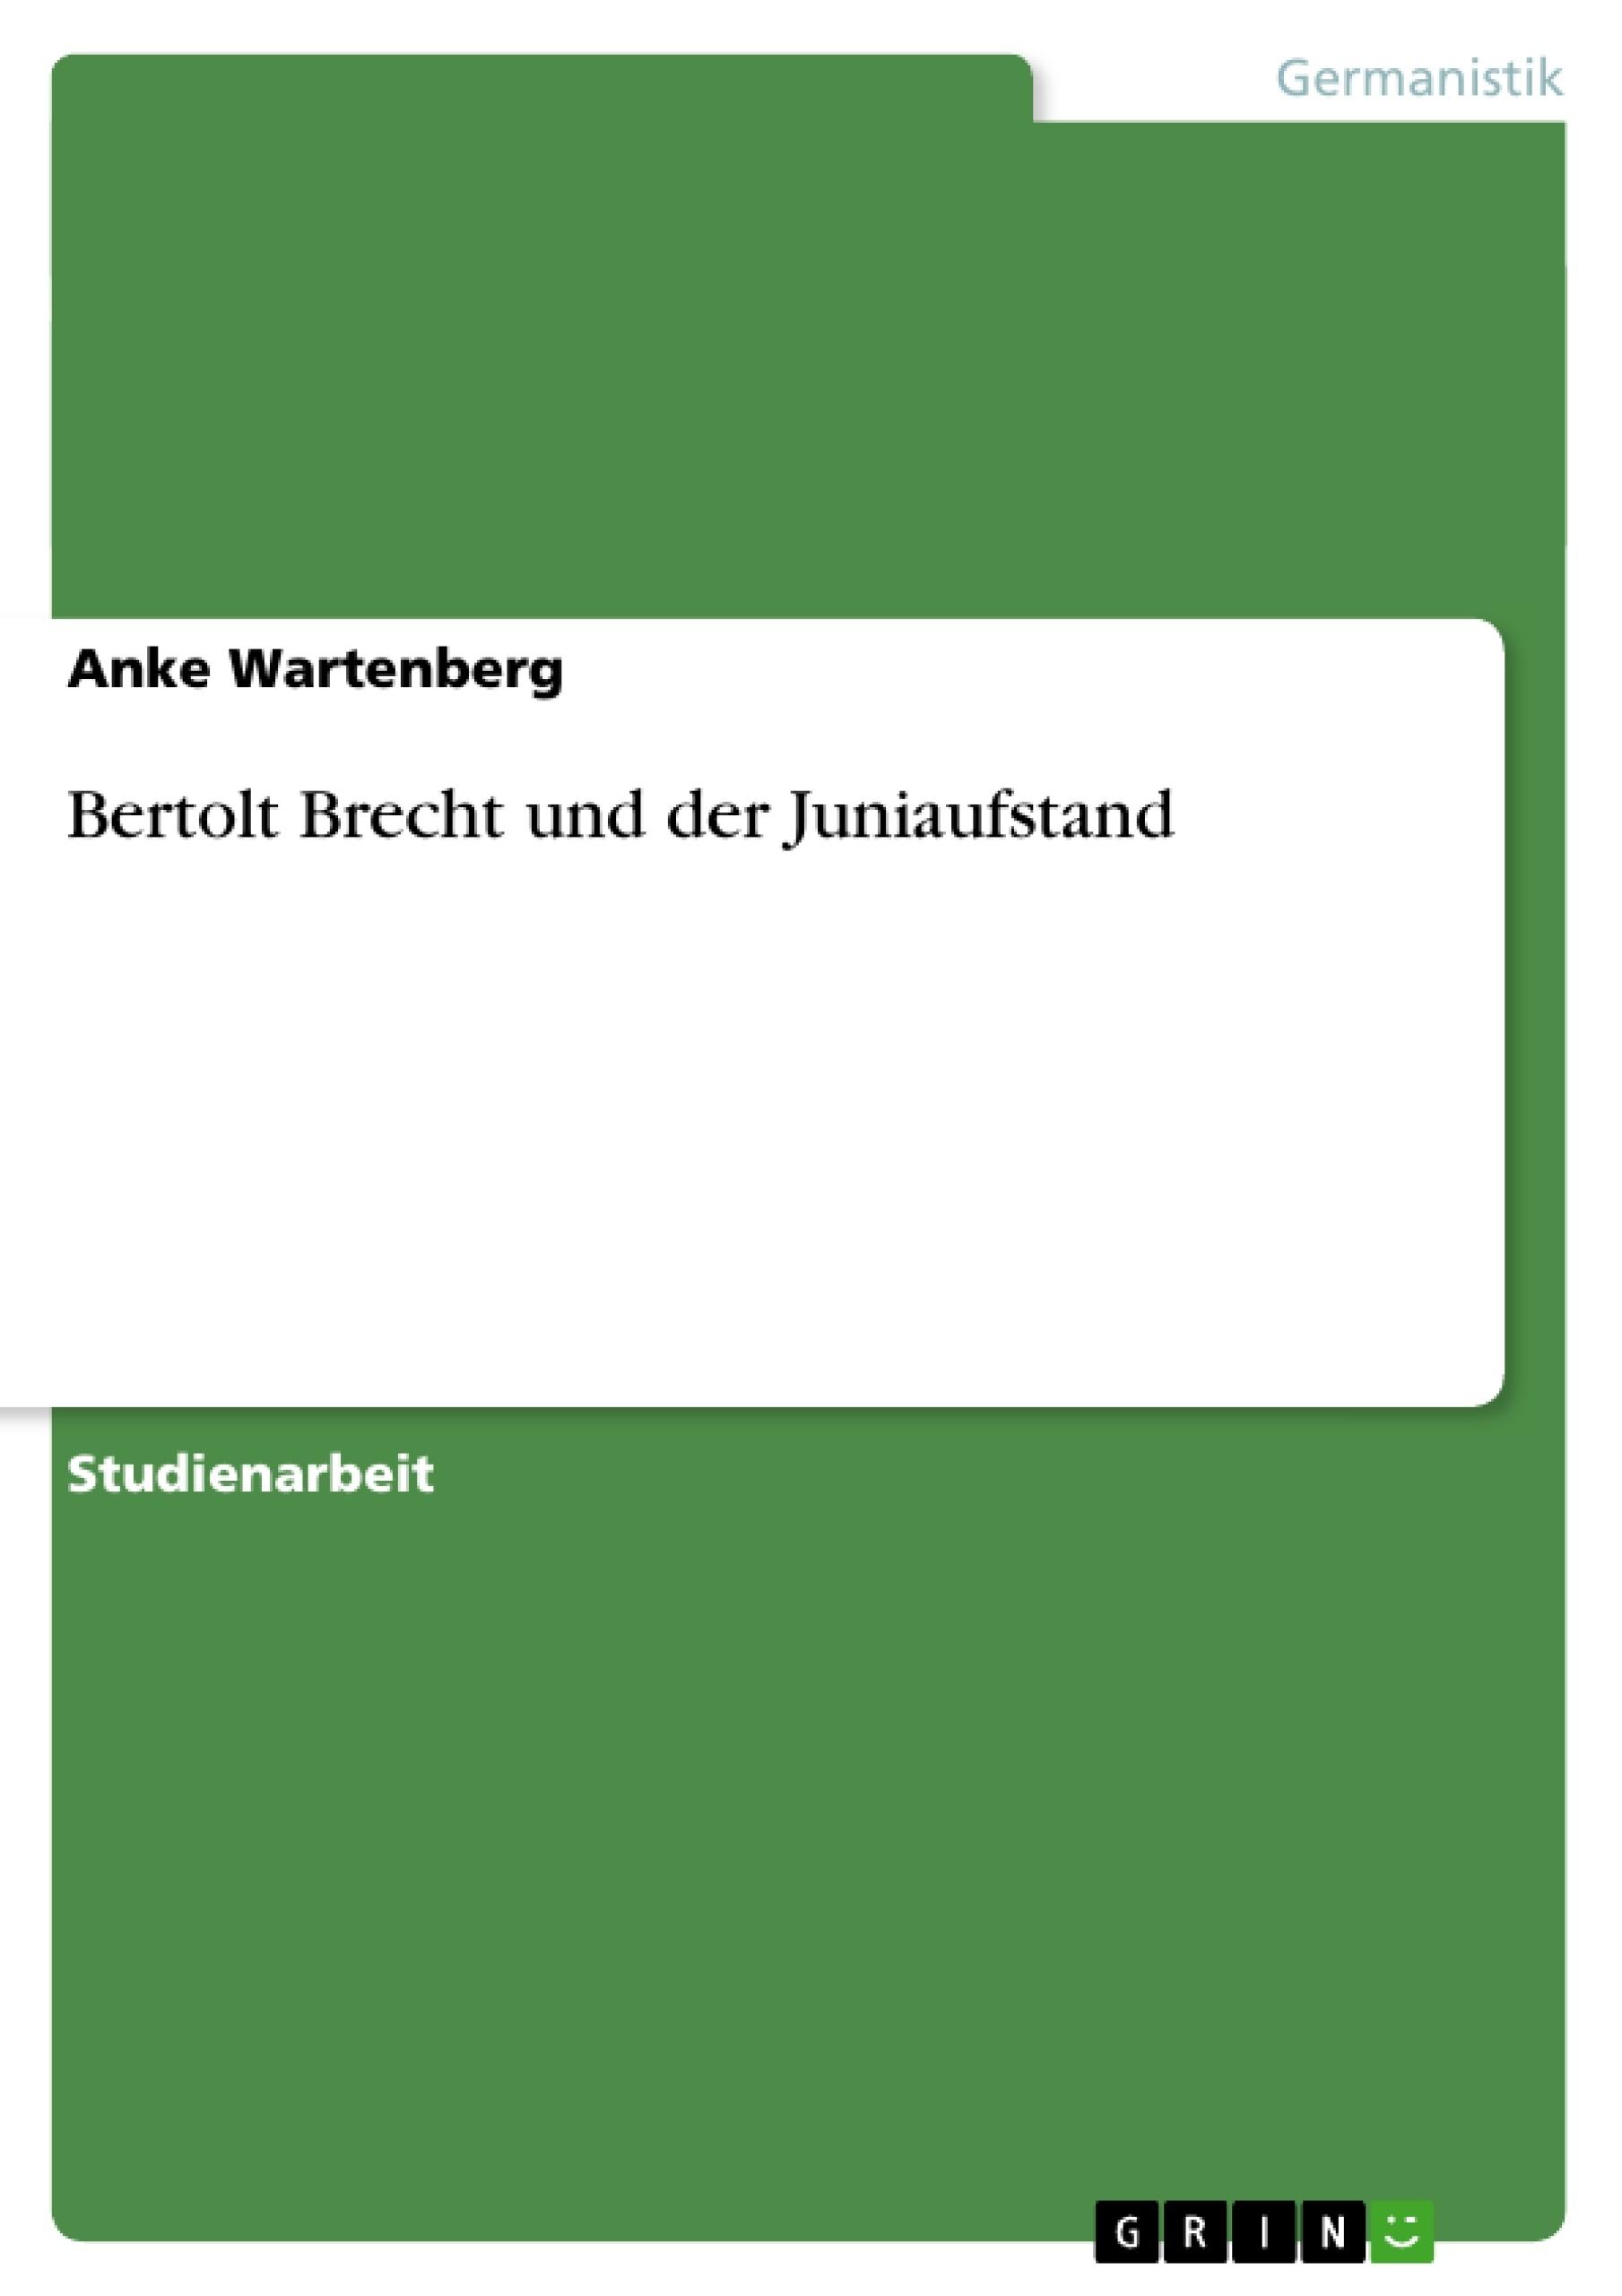 Titel: Bertolt Brecht und der Juniaufstand